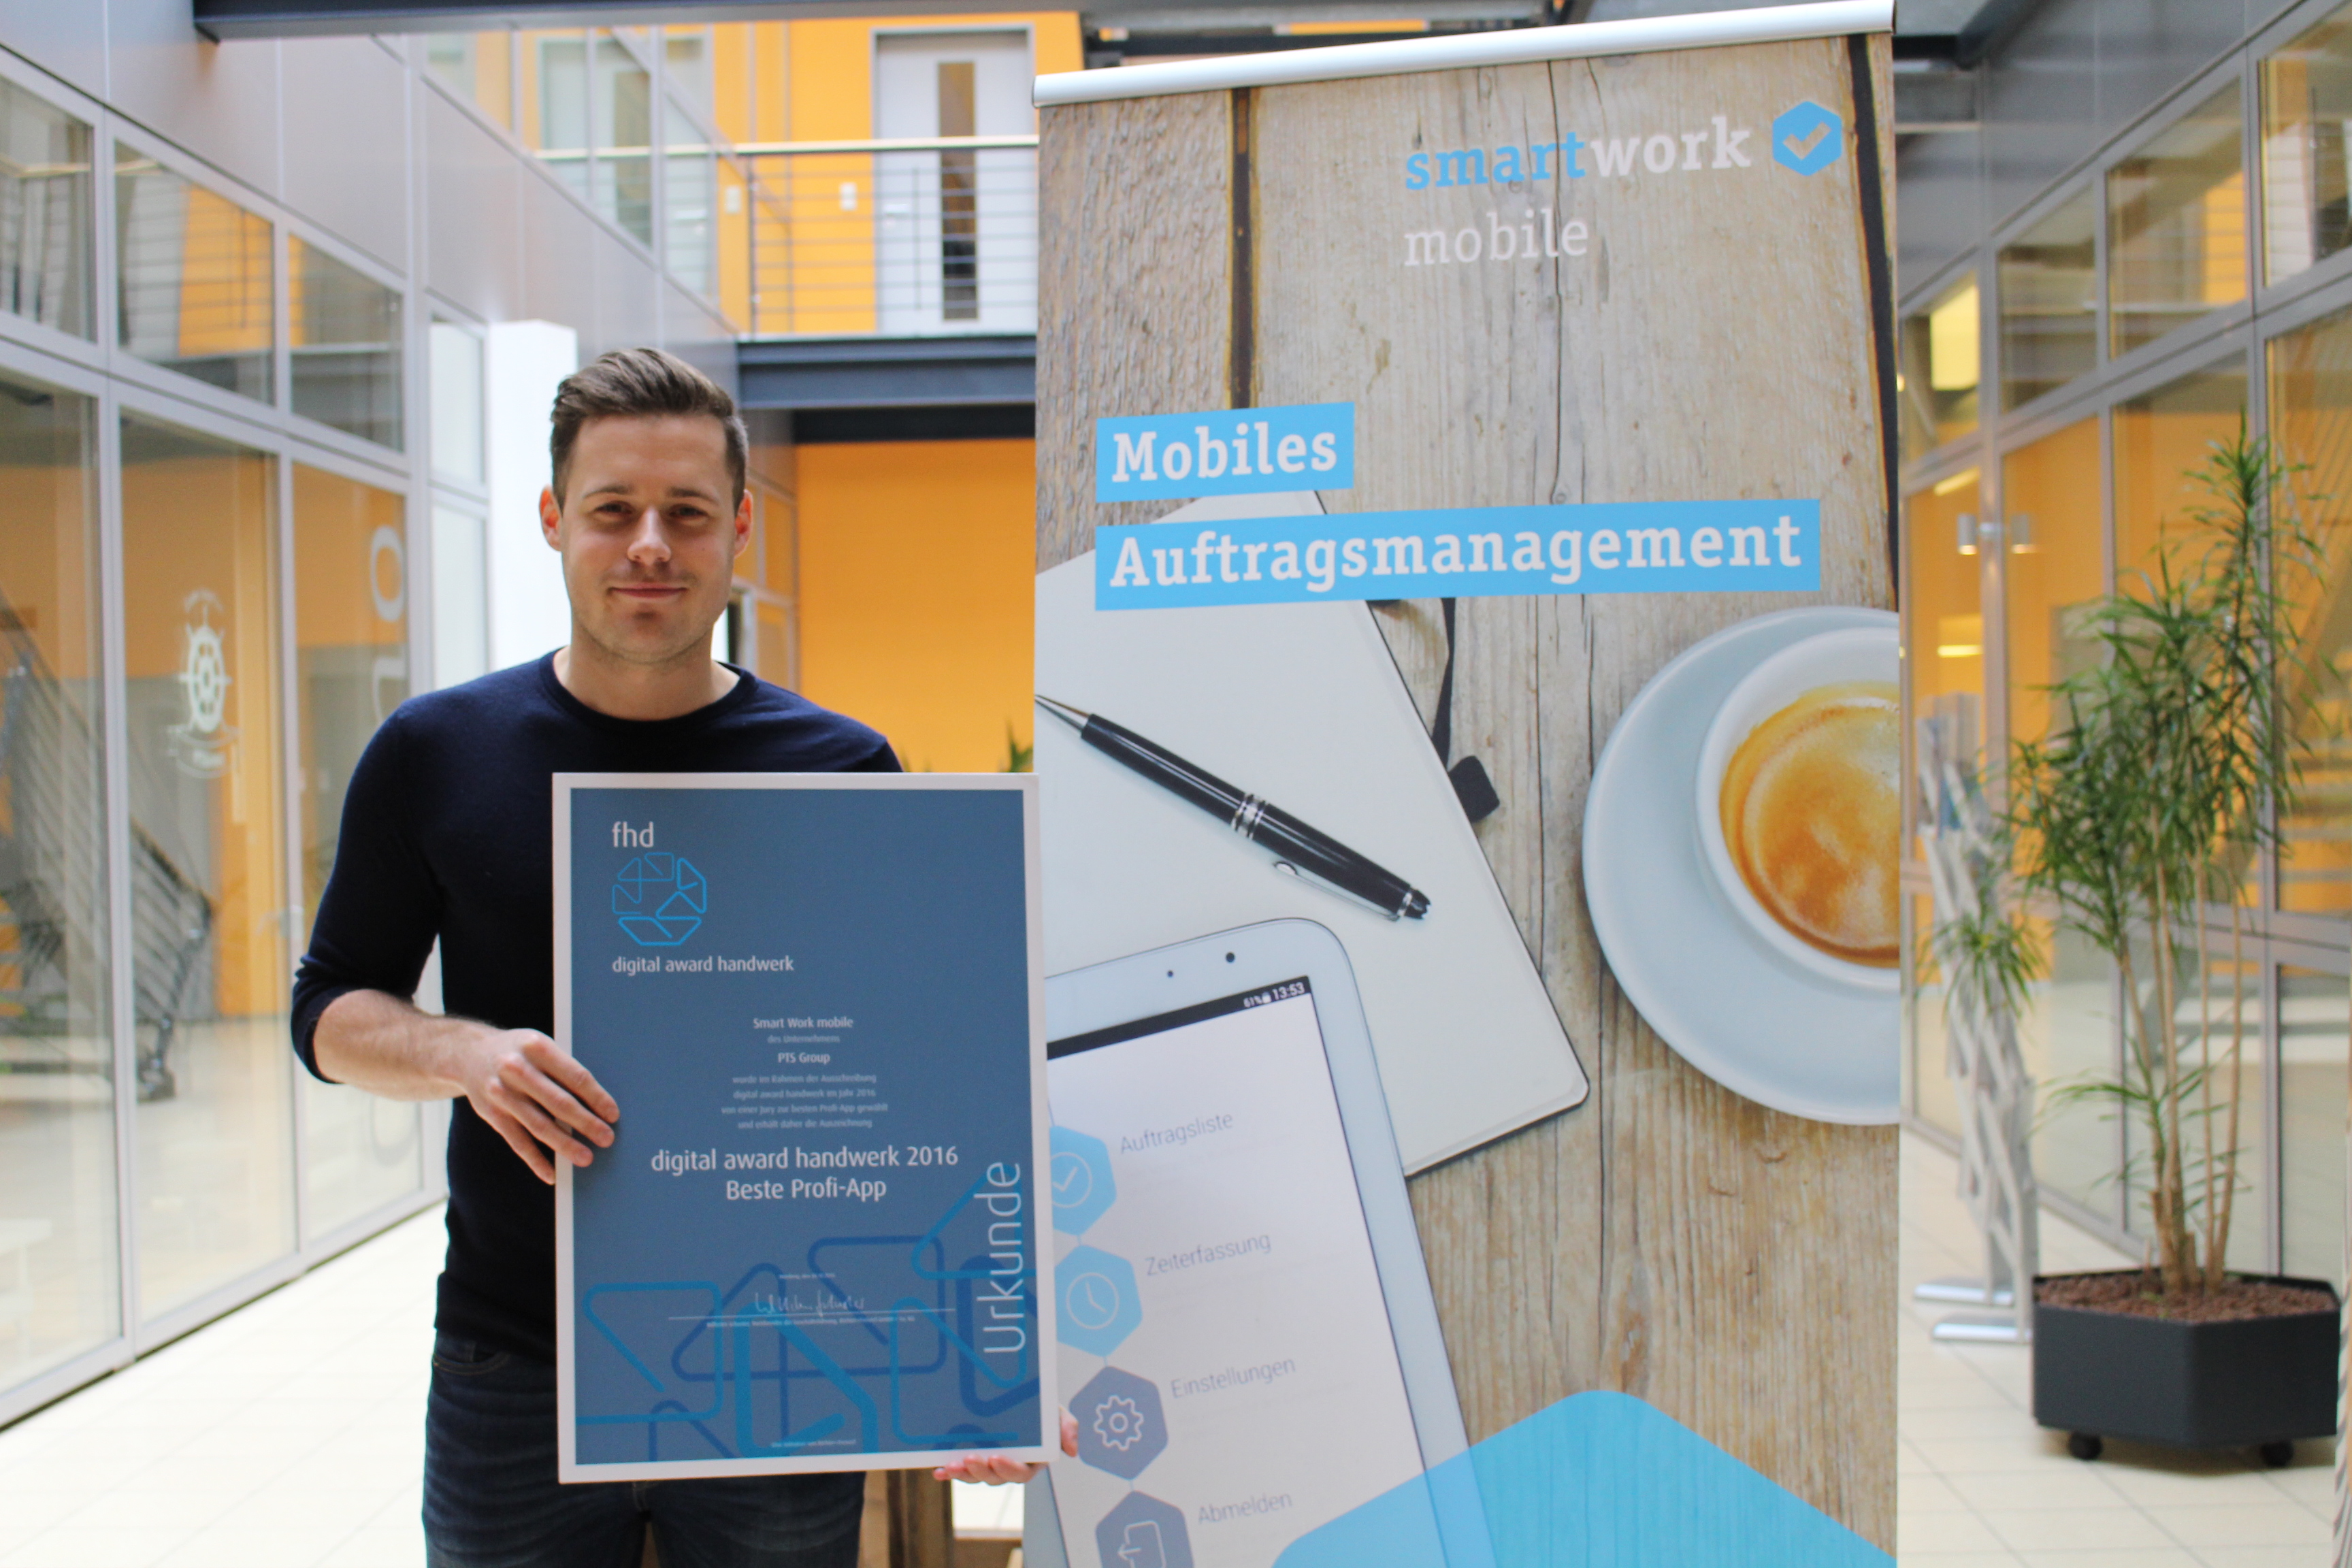 Smart Work mobile gewinnt digital handwerk award 2016 für die beste Profi-App